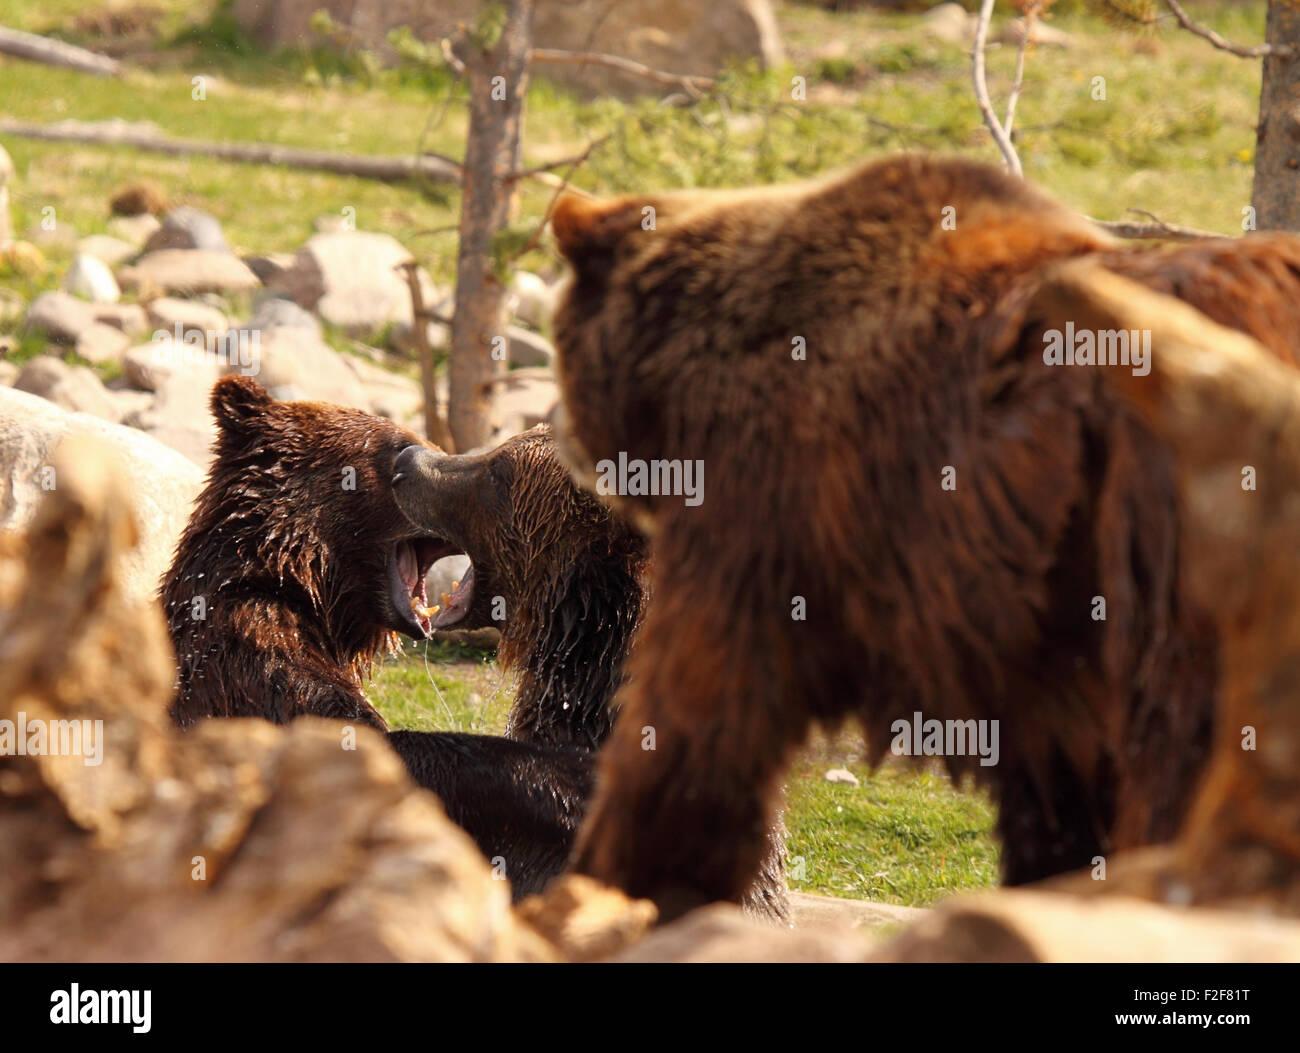 Ein paar der Jährling Grizzly Bären kämpfen als ihre Mutter zusieht. Stockfoto